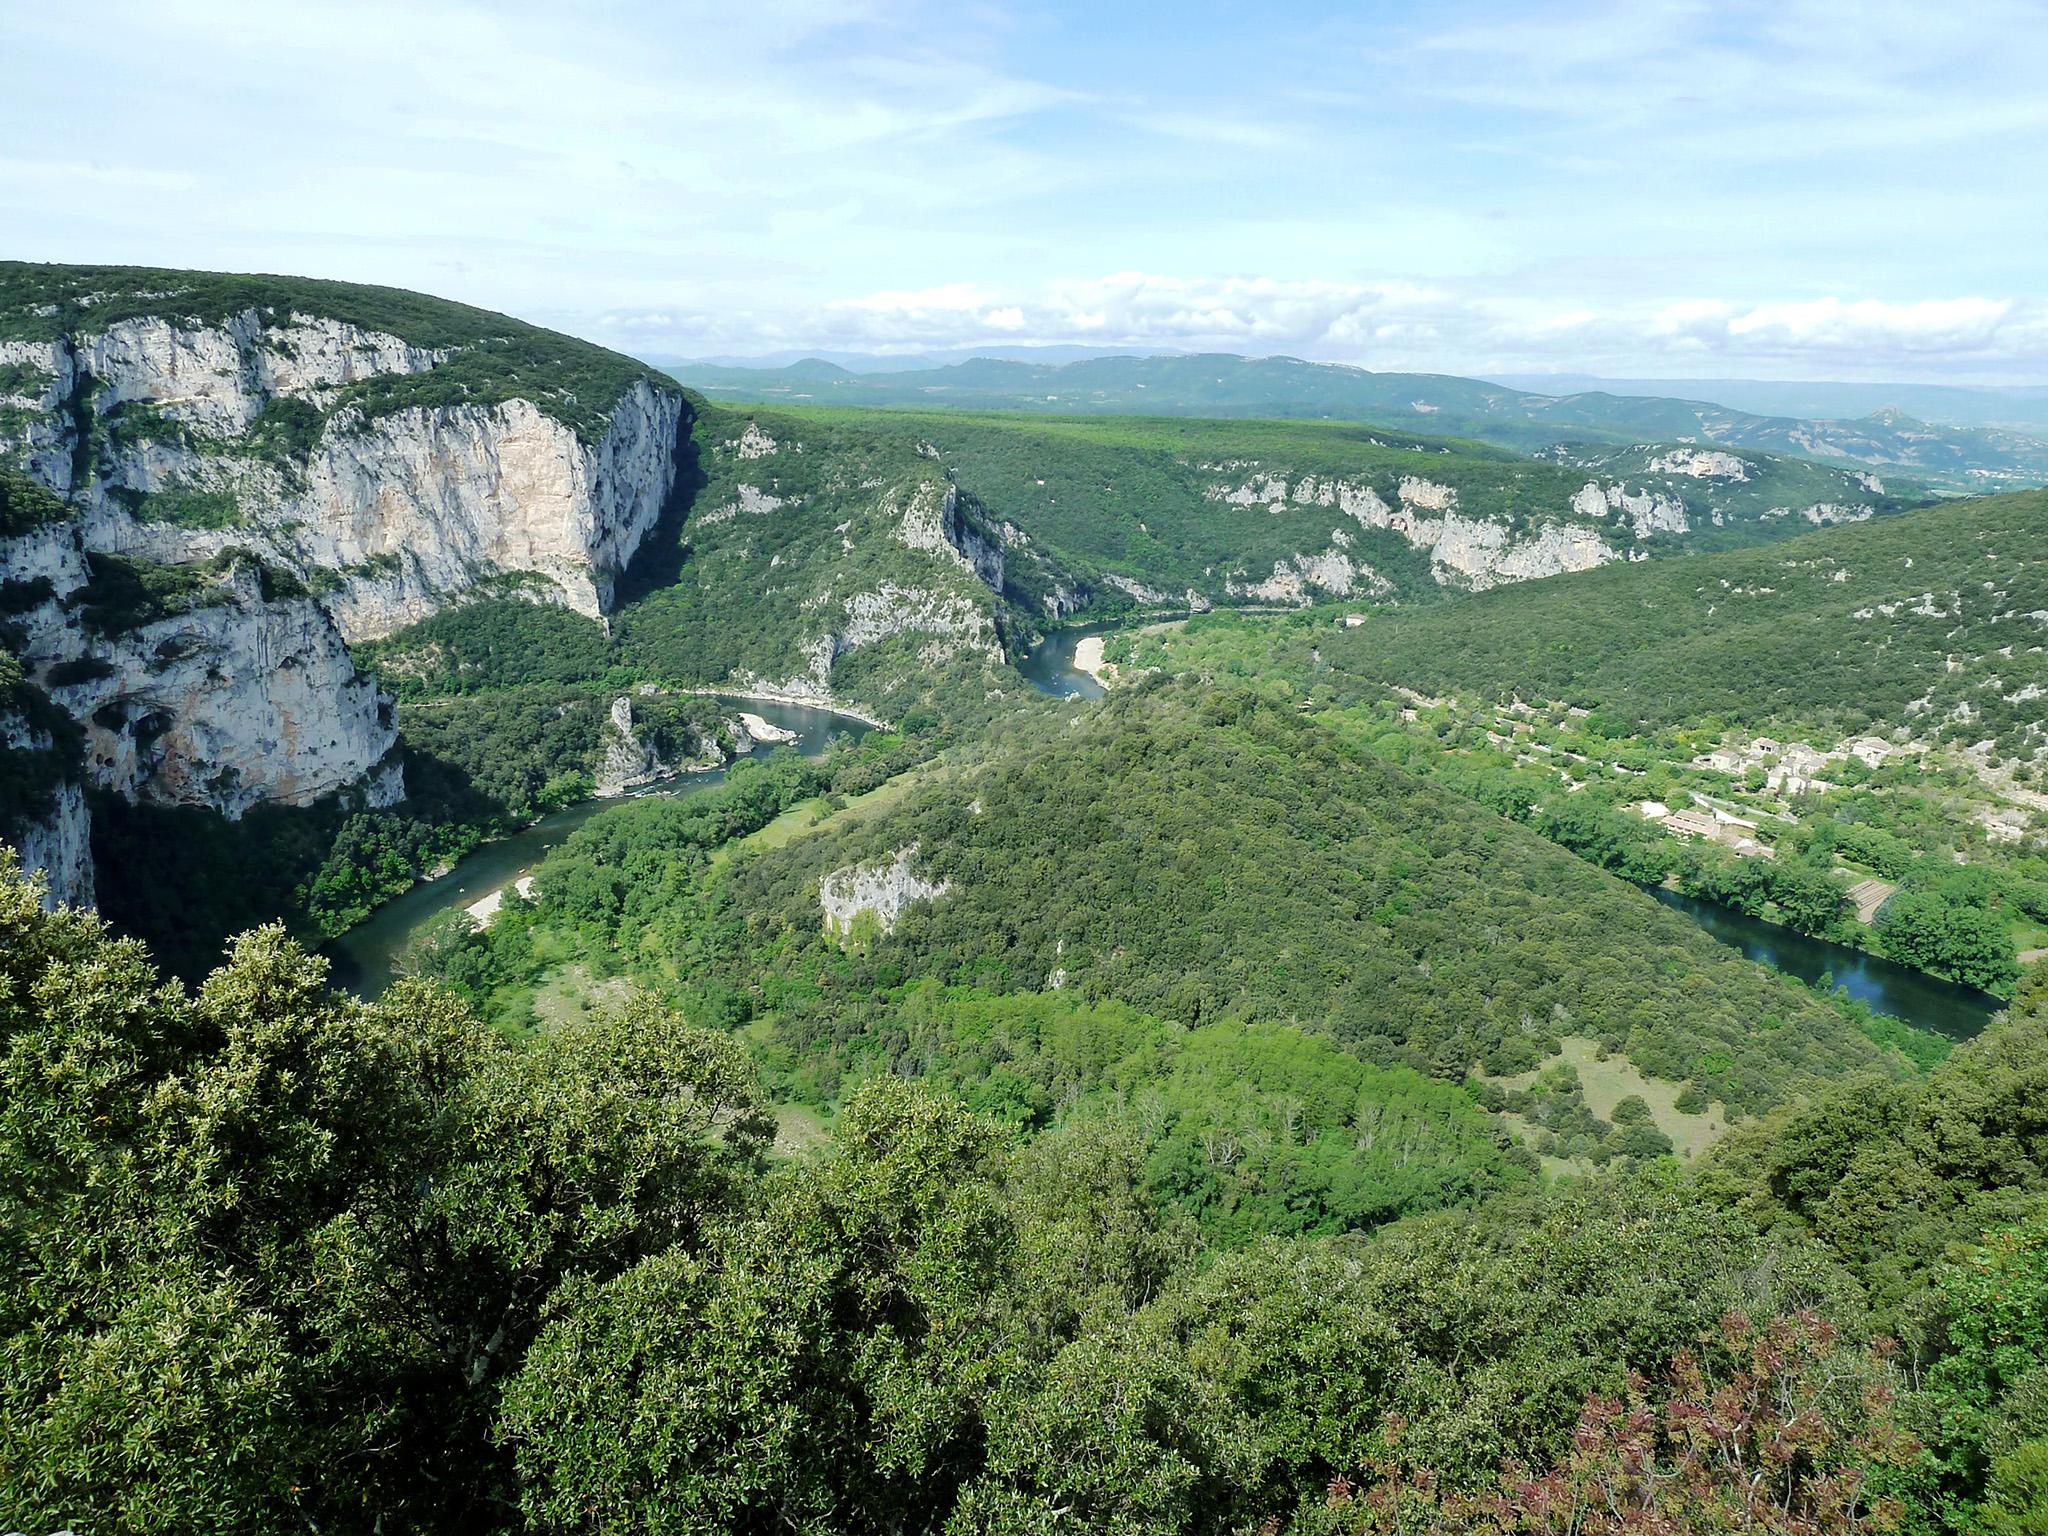 Plateau des gorges de l'Ardèche